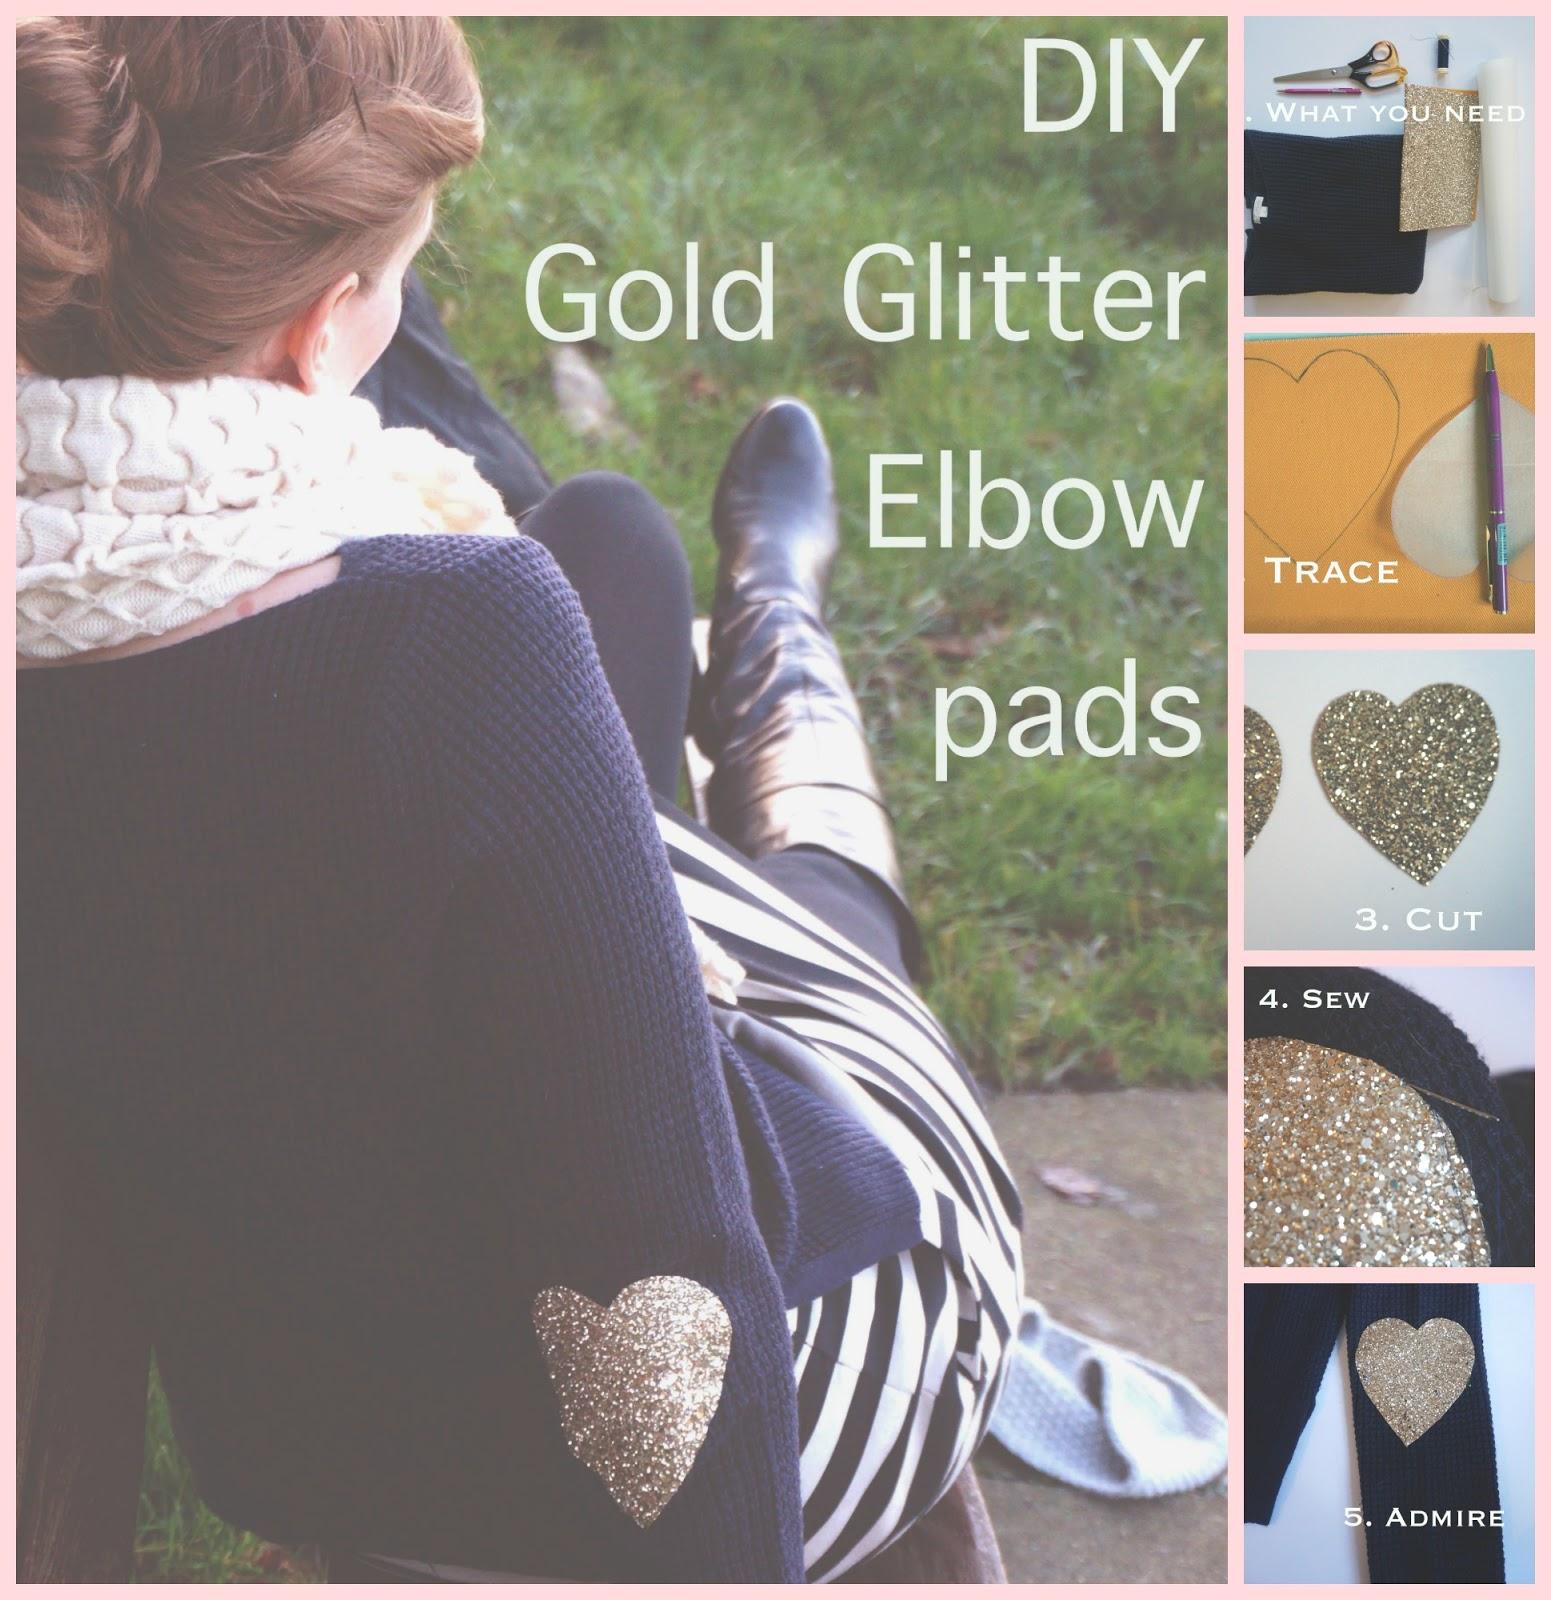 meg-made: Gold glitter heart elbow pads DIY